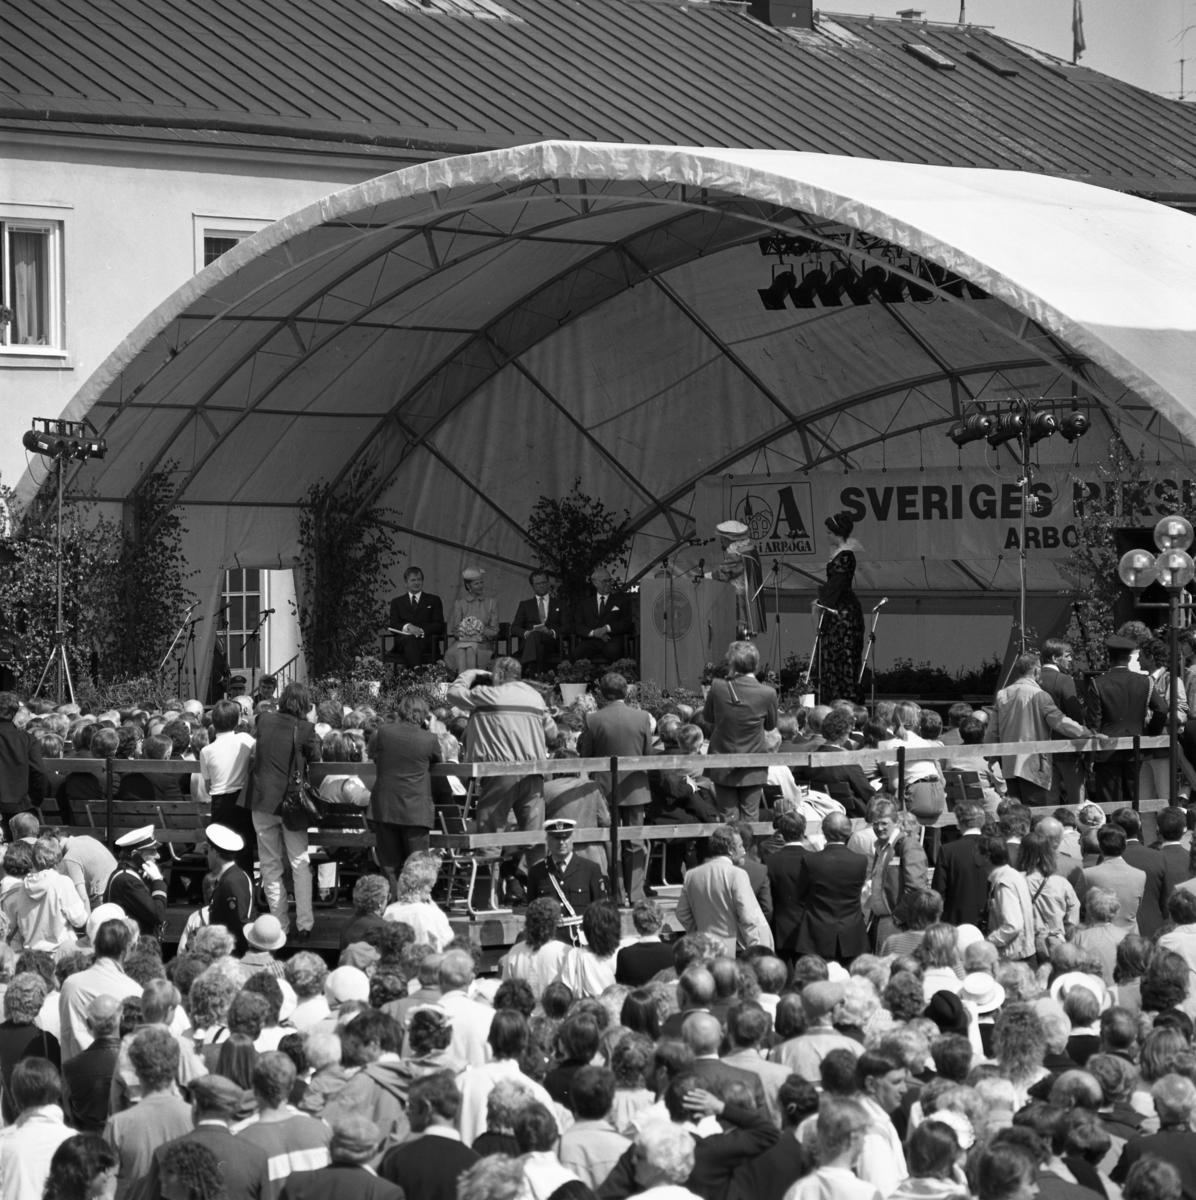 Sveriges riksdag 550 år firas i Arboga. En scen är uppbyggd vid rådhusgården. Där sitter statsminister Olof Palme, drottning Silvia, kung Carl XVl Gustaf och talman Ingemund Bengtsson. Med på scenen finns två medeltidsklädda personer. En stor publik har samlats på torget. Riksdagsjubileet 1985.